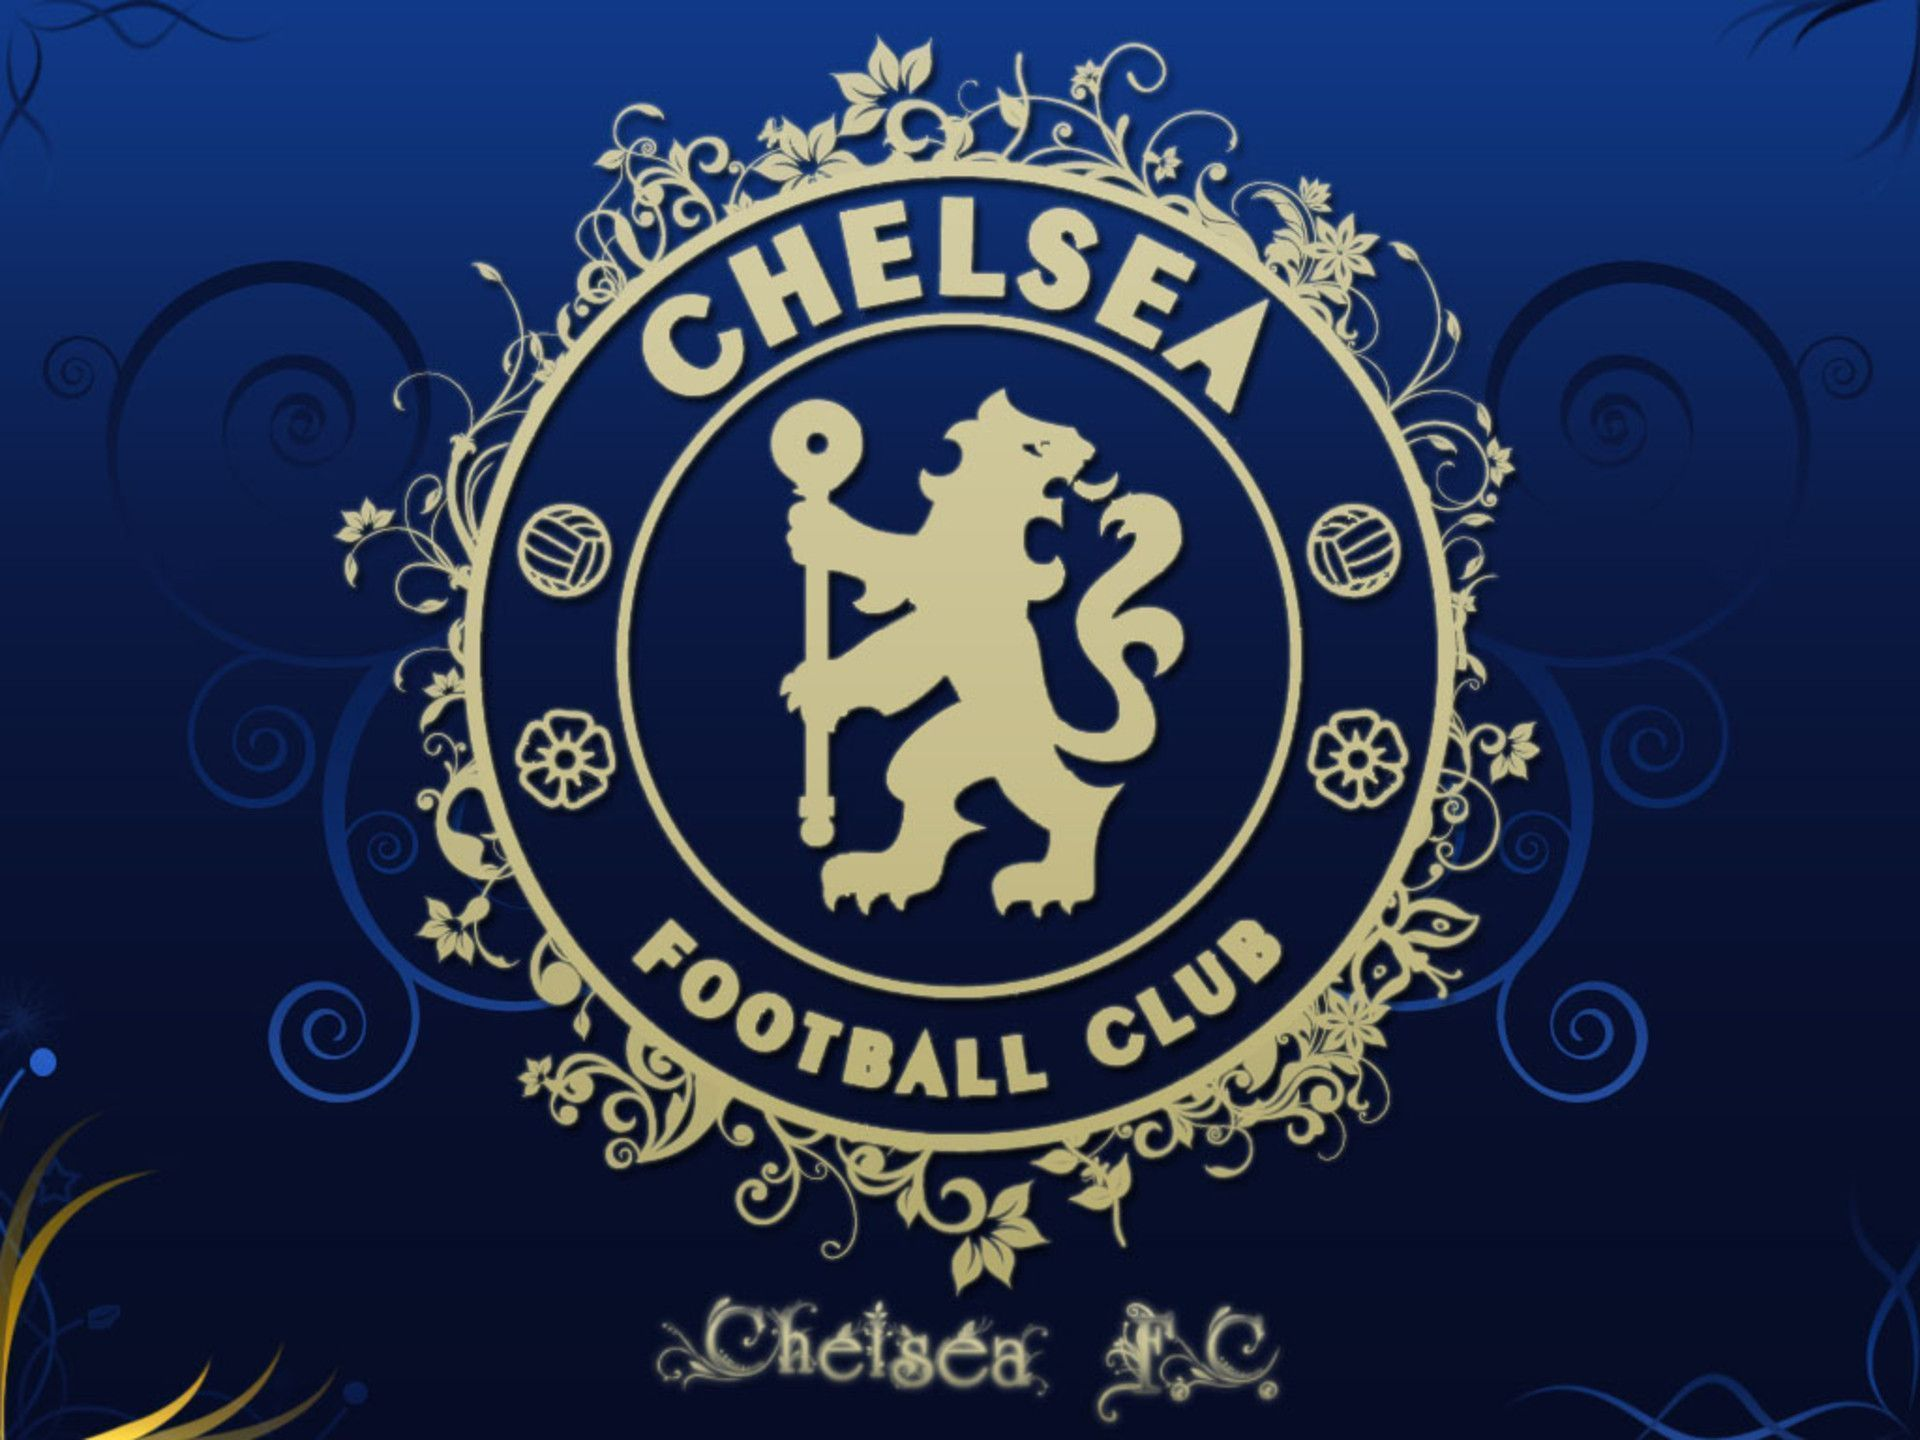 Chelsea FC Wallpaper 20   1920 X 1440 stmednet 1920x1440